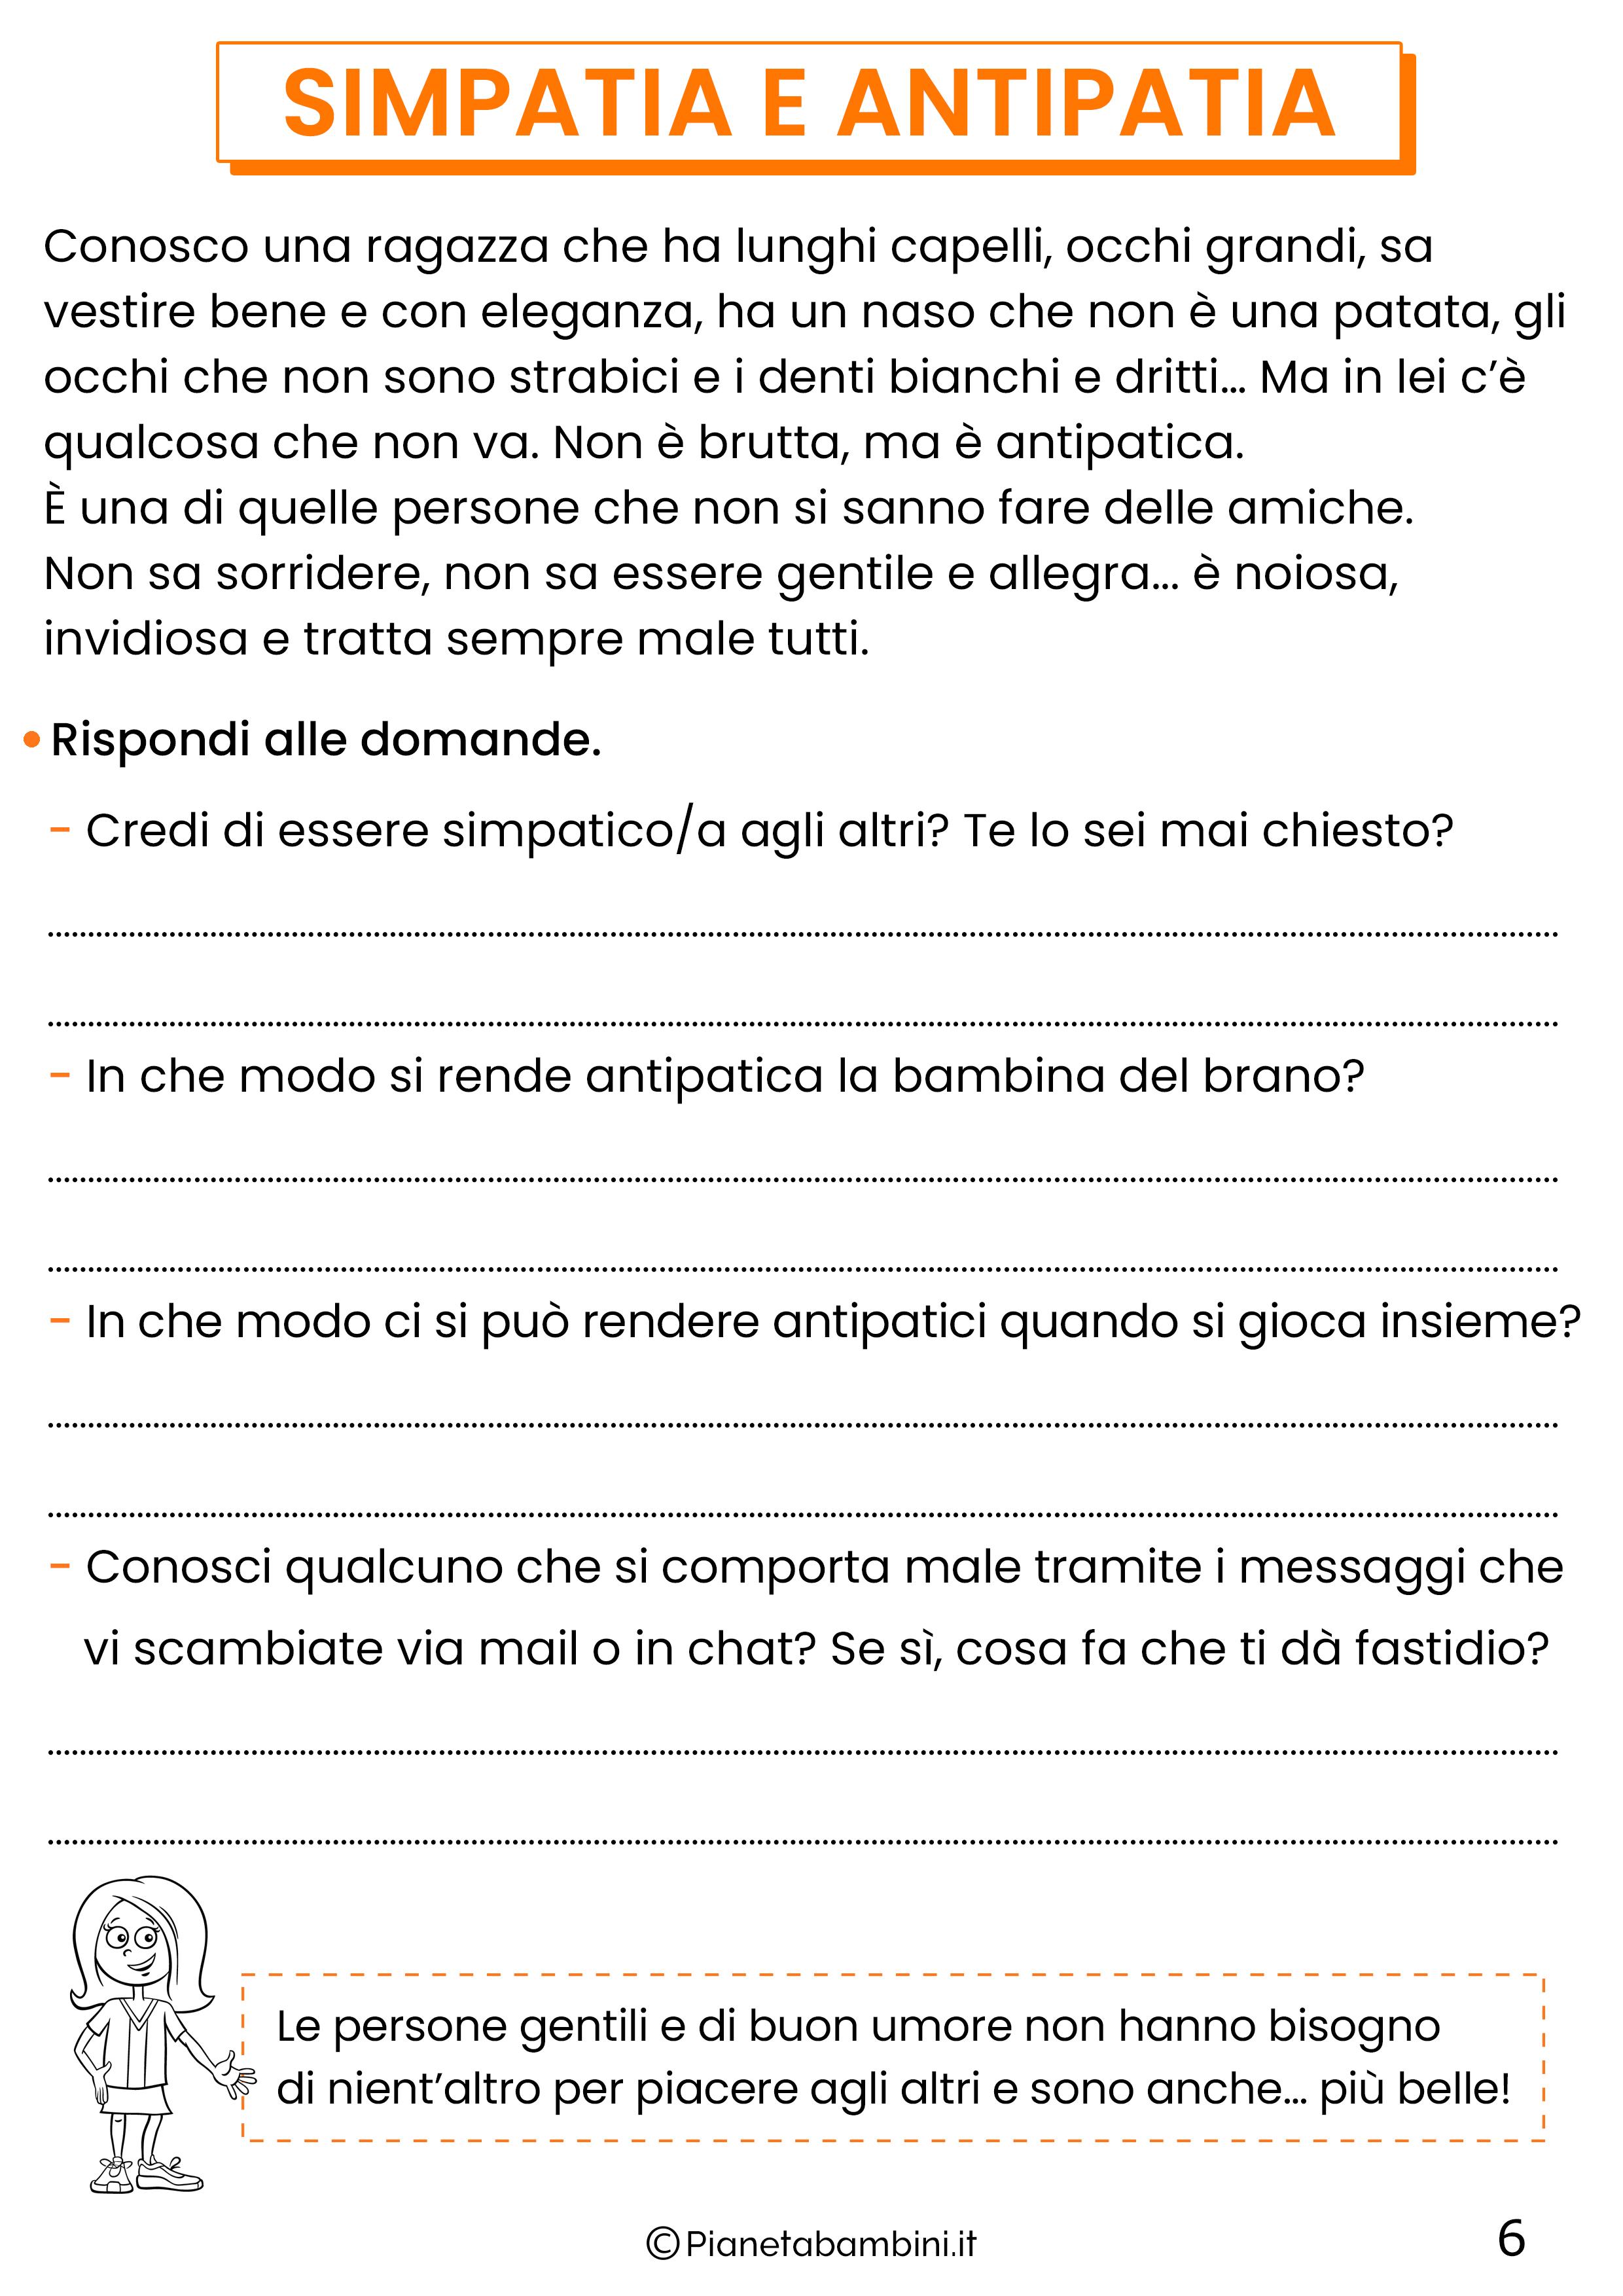 Schede didattiche di cittadinanza digitale per la classe quarta 6